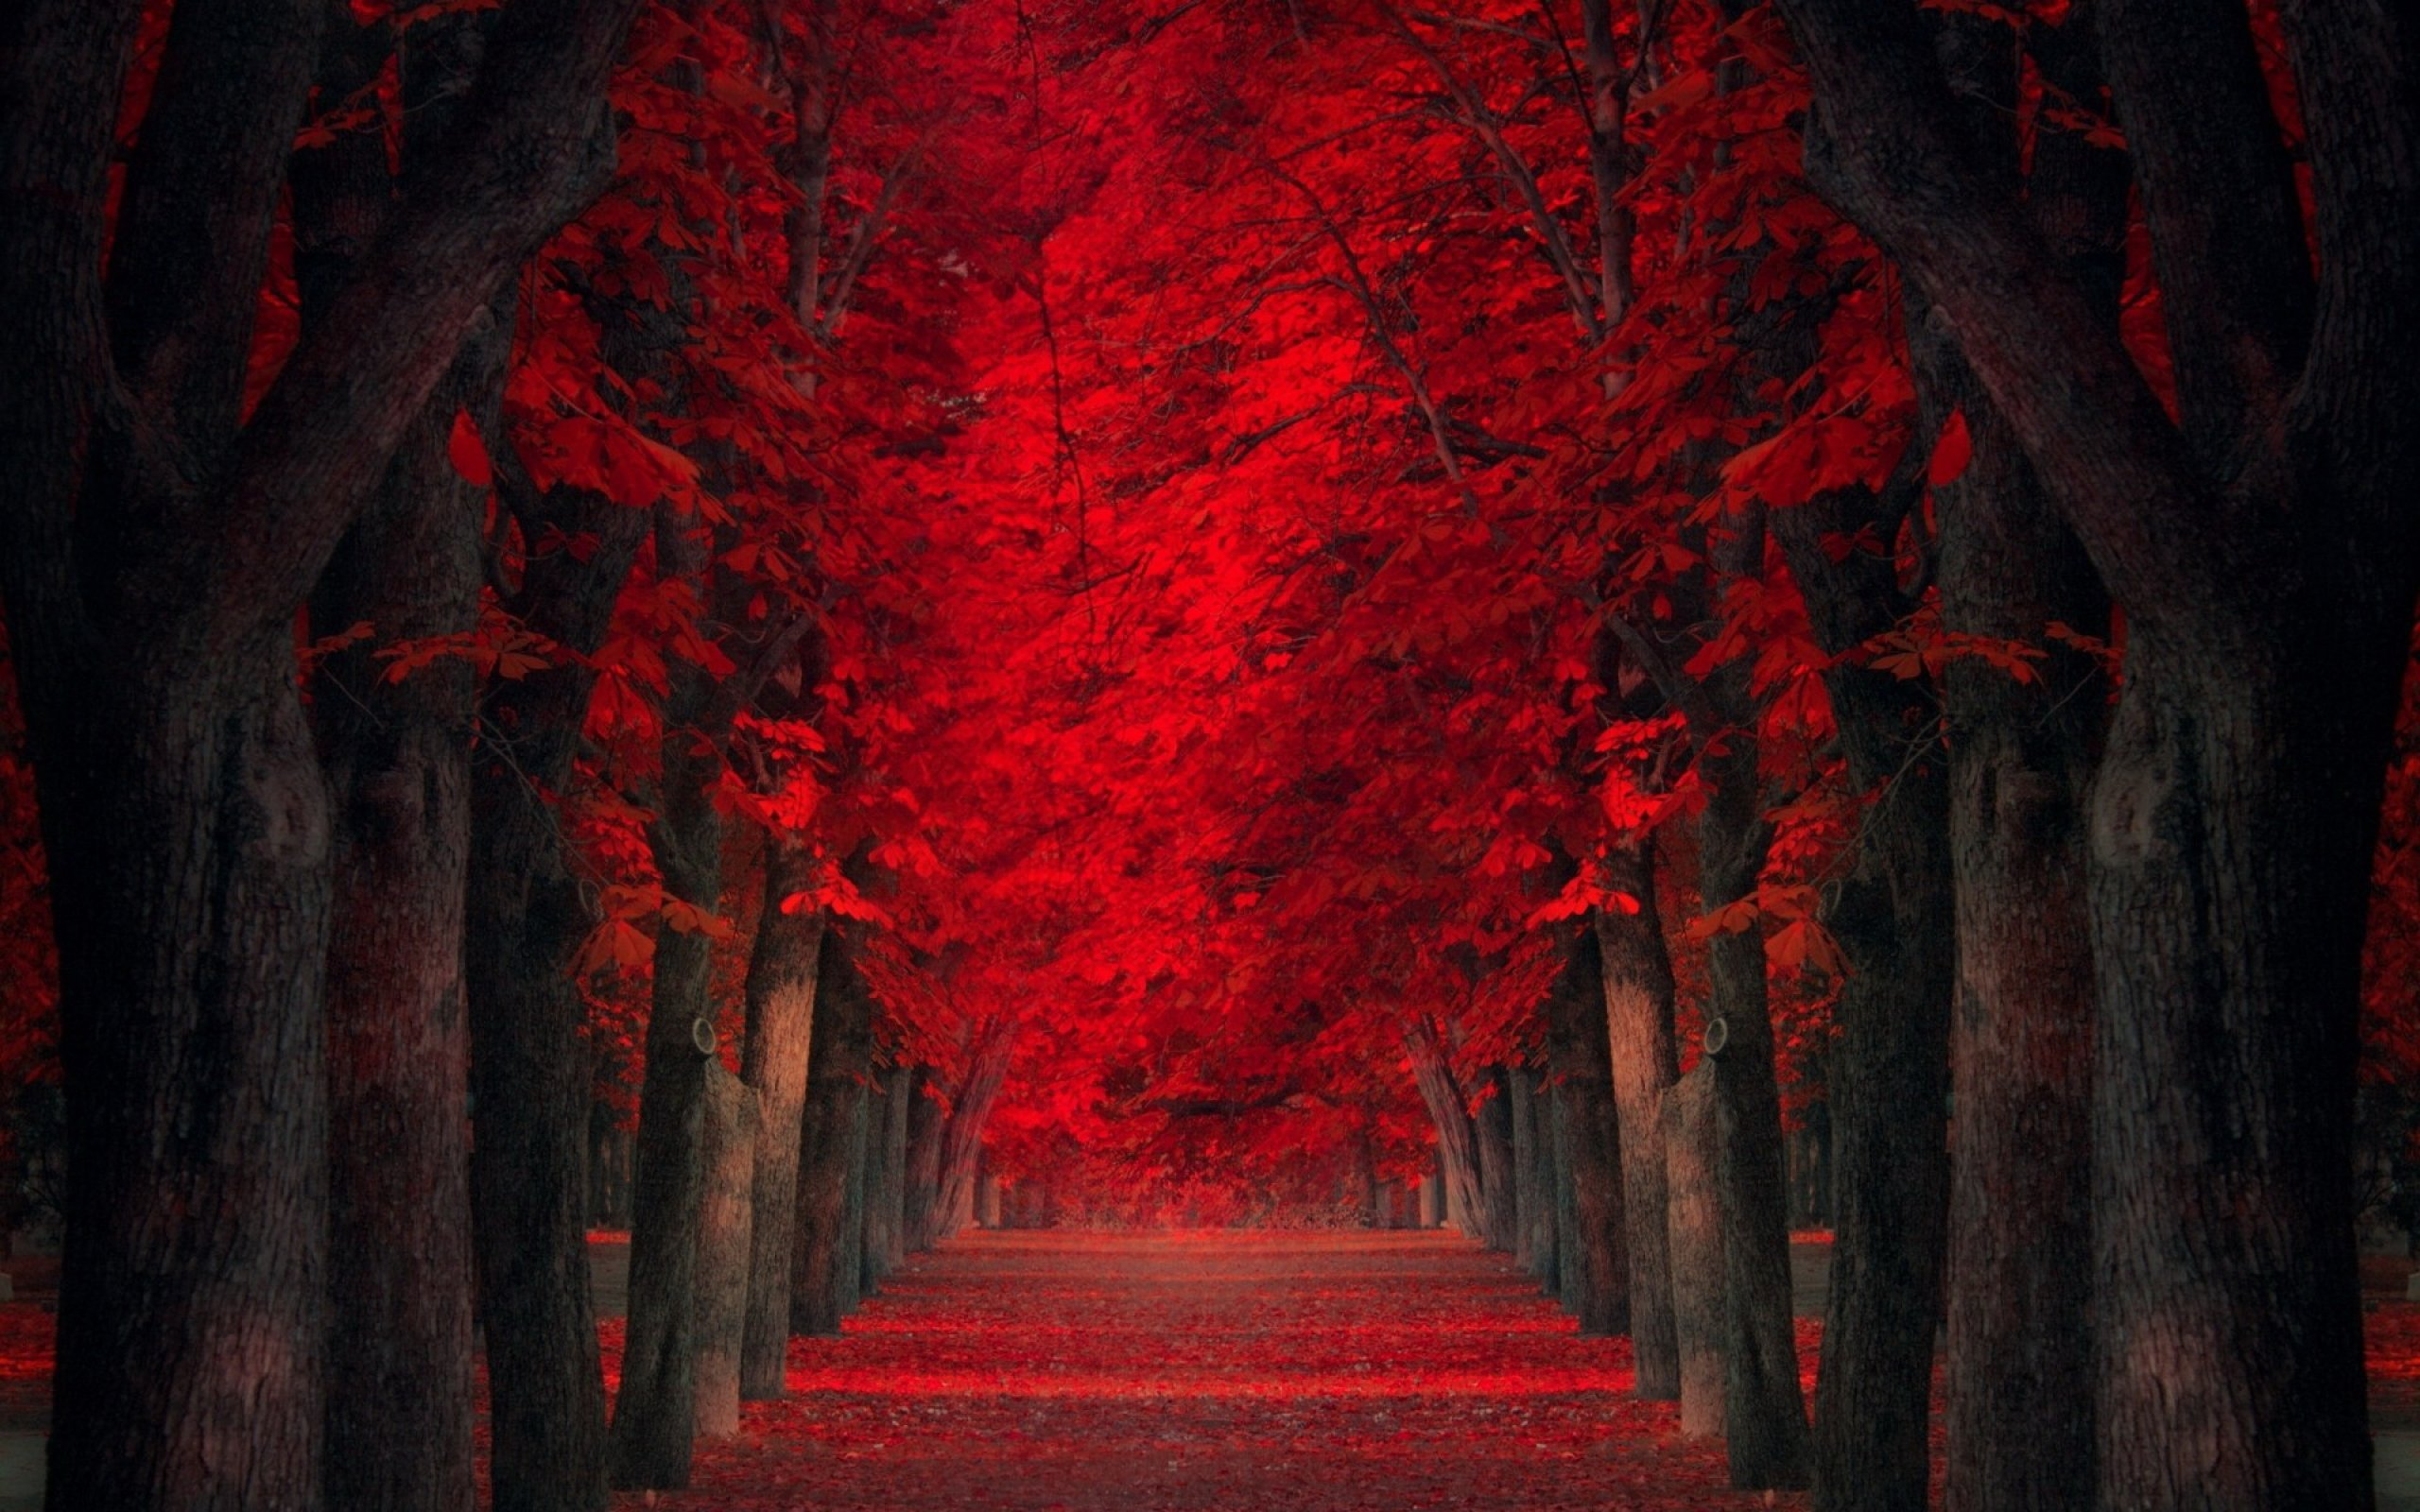 red landscape wallpapers for desktop - photo #12